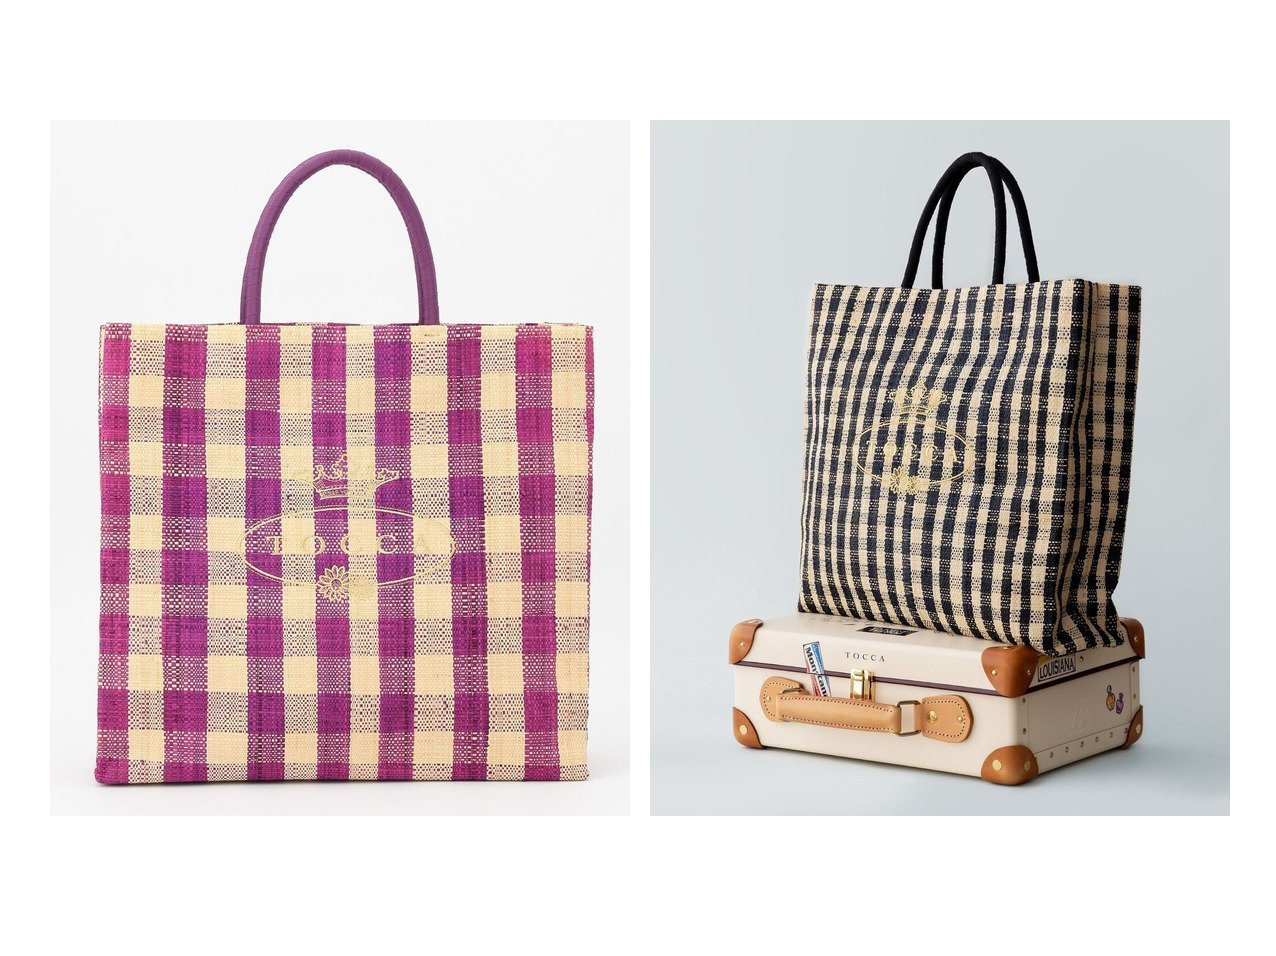 【TOCCA/トッカ】のVIVID MARCHE L トートバッグL 【バッグ・鞄】おすすめ!人気、トレンド・レディースファッションの通販 おすすめで人気の流行・トレンド、ファッションの通販商品 メンズファッション・キッズファッション・インテリア・家具・レディースファッション・服の通販 founy(ファニー) https://founy.com/ ファッション Fashion レディースファッション WOMEN バッグ Bag ギンガム チェック ラフィア リュクス リラックス ワンポイント 2021年 2021 S/S・春夏 SS・Spring/Summer 2021春夏・S/S SS/Spring/Summer/2021 送料無料 Free Shipping  ID:crp329100000029239